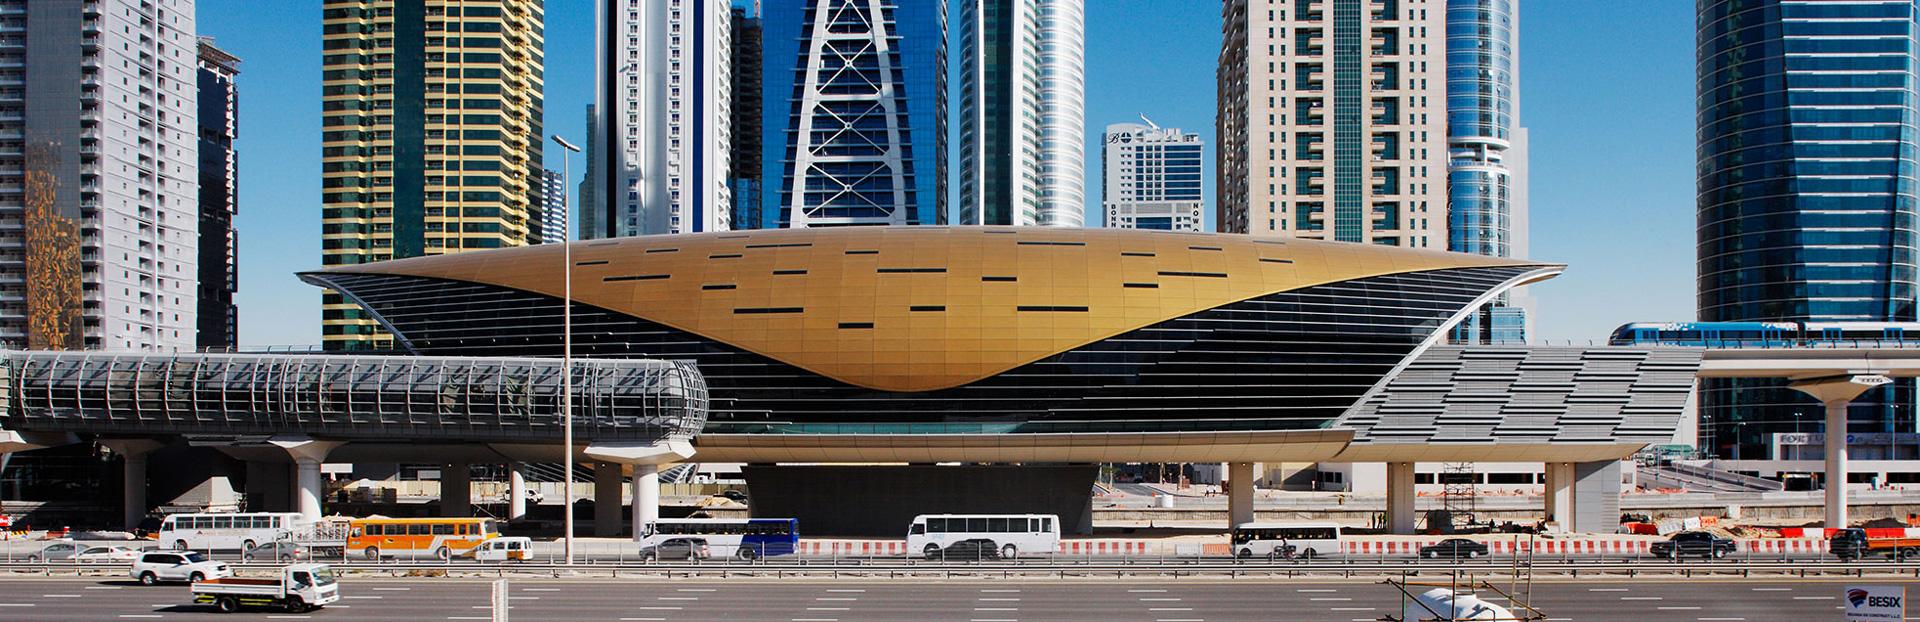 Dubai audio tour: Metro Moments: New Dubai from DMCC